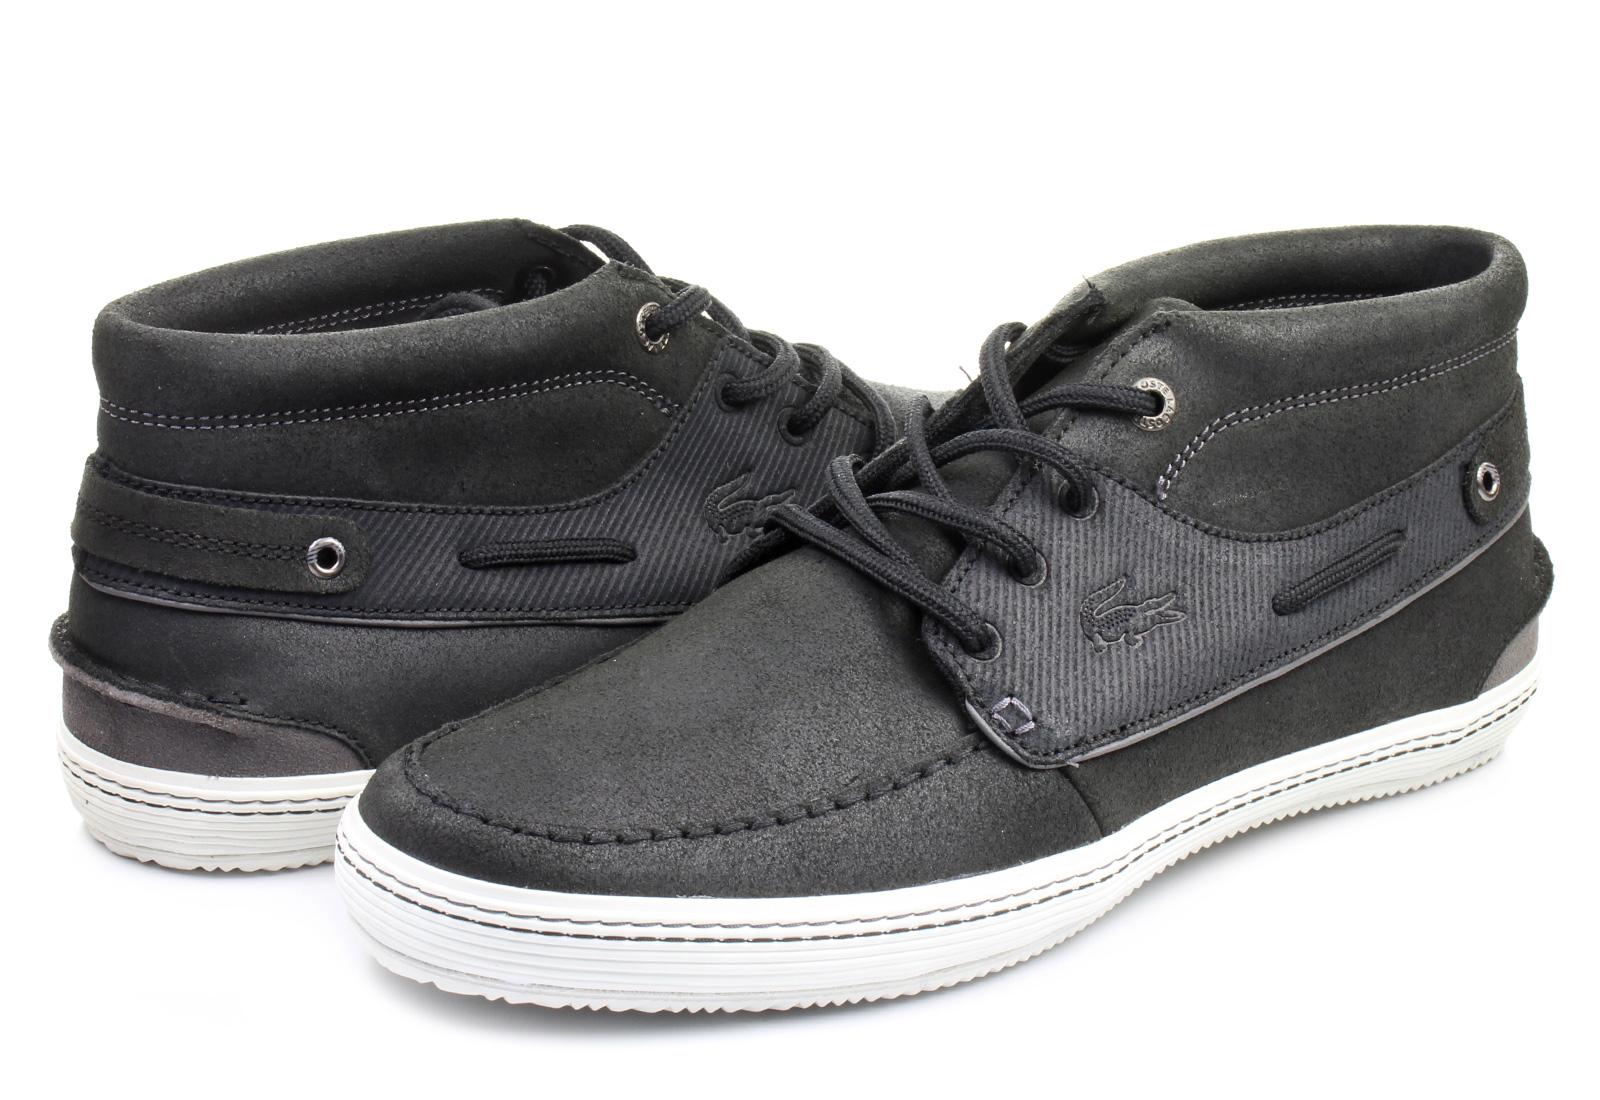 99cb6c293531c6 Lacoste Shoes - Meyssac Deck - 153srm0040-231 - Online shop for ...